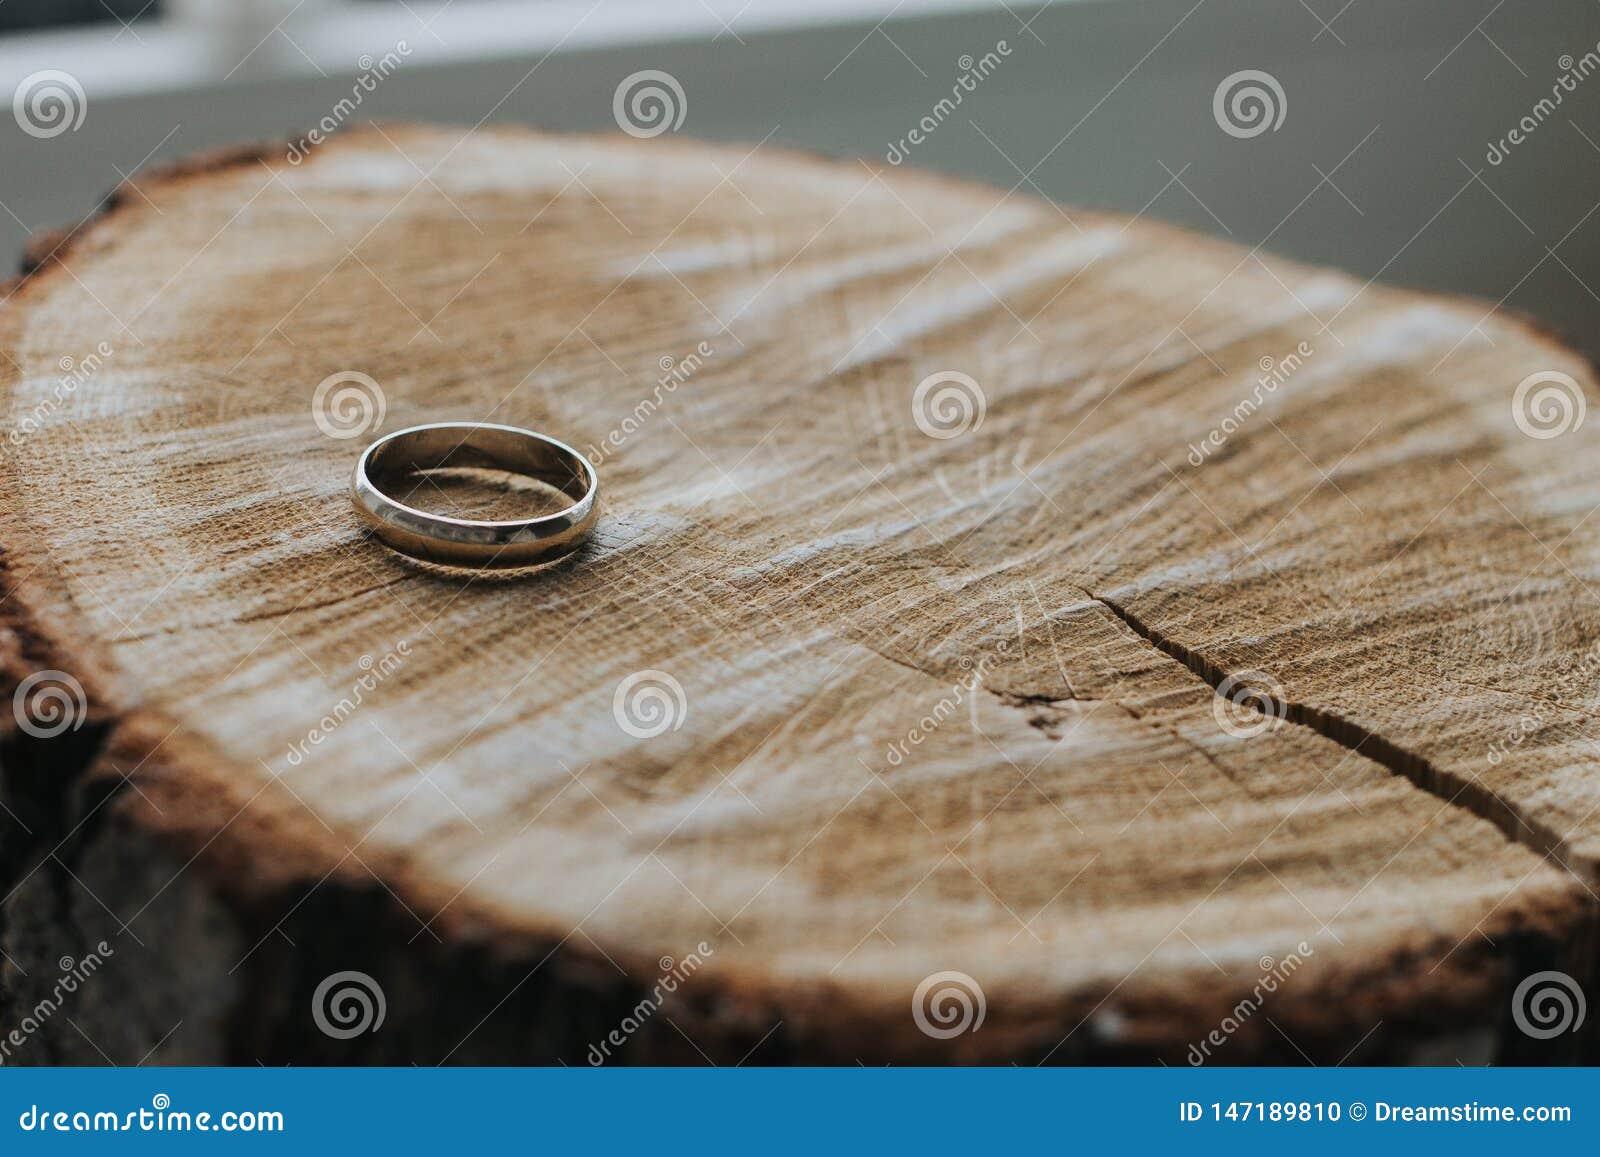 Uma aliança de casamento do ouro que encontra-se no corte de madeira do coto Close-up O foco no anel, o fundo é borrado